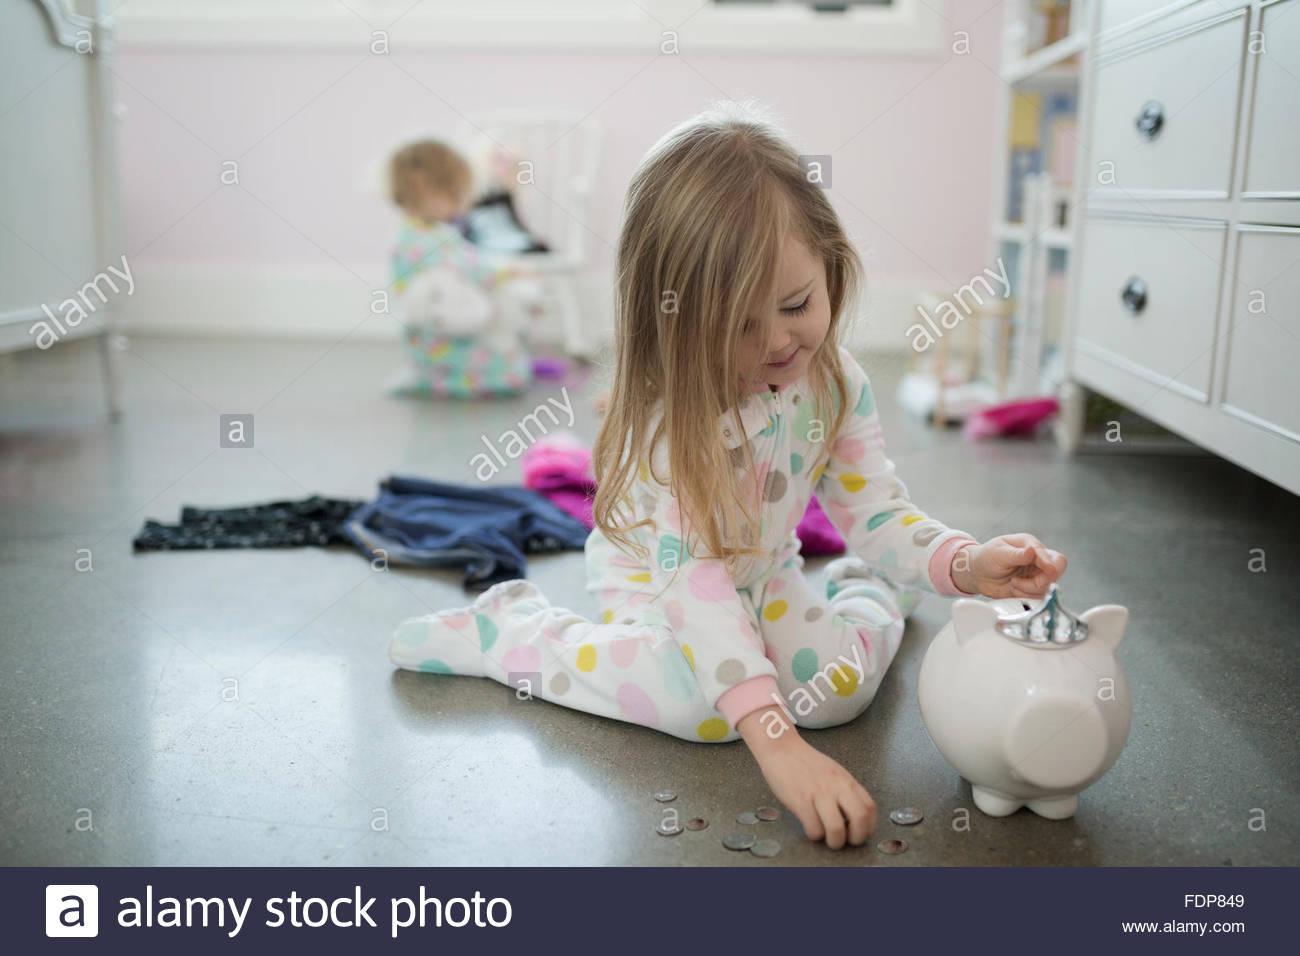 Girl placing coins in piggy bank bedroom floor - Stock Image